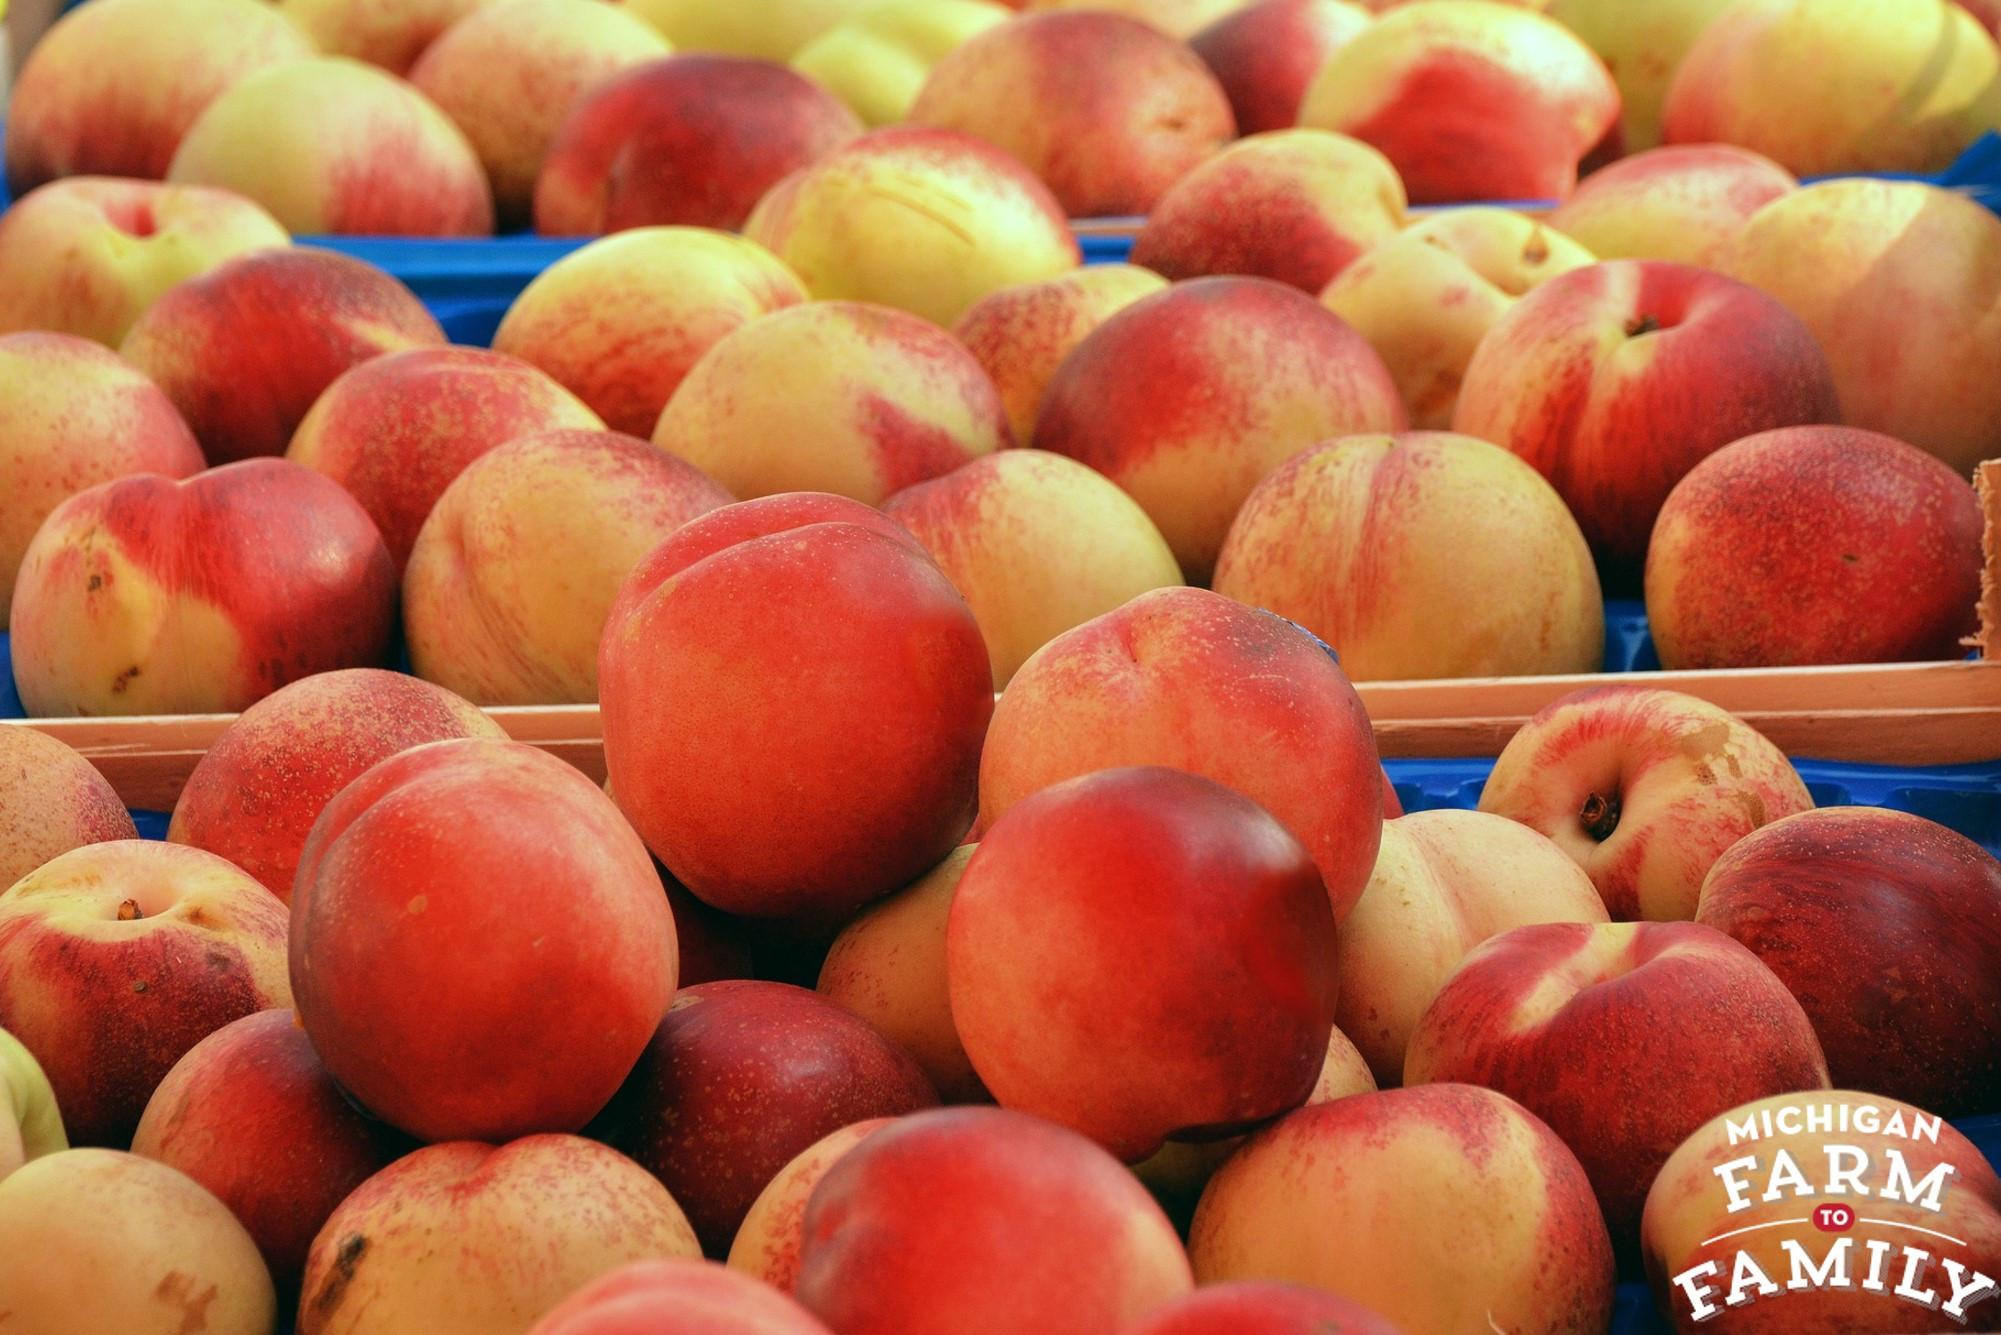 Michigan-Grown Peaches